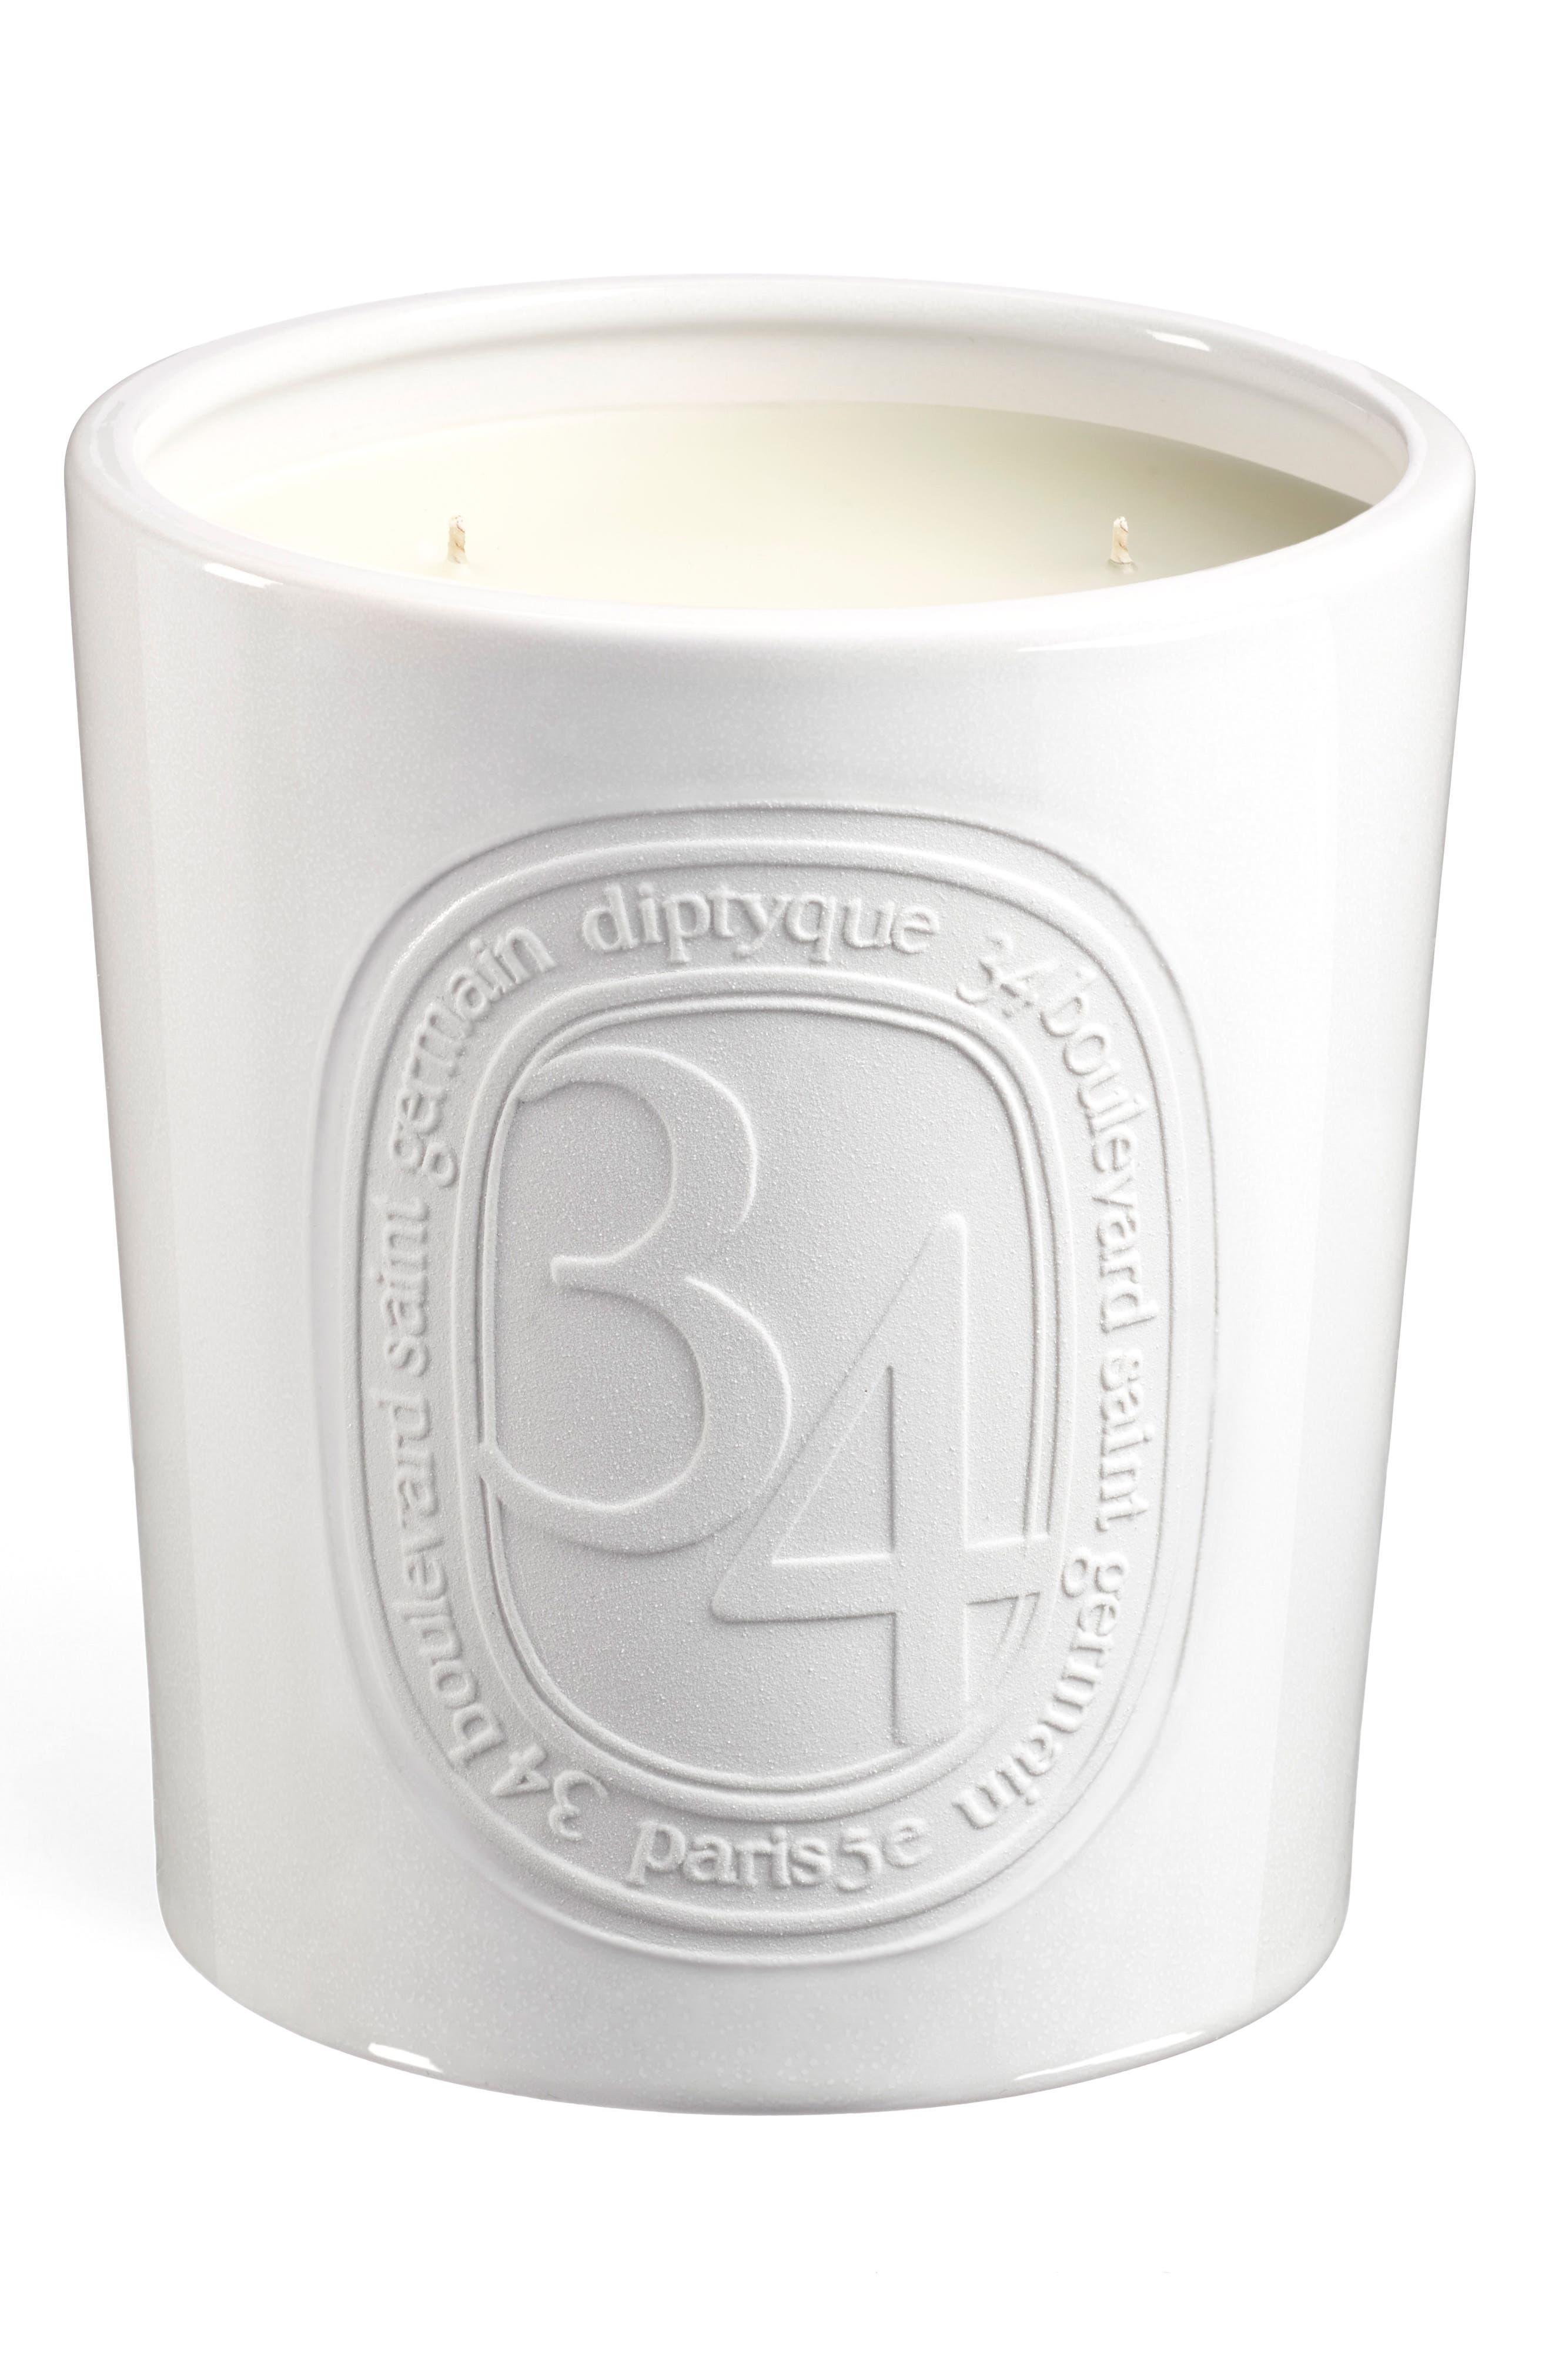 diptyque 34 Boulevard Saint Germain Large 5-Wick Indoor/Outdoor Candle